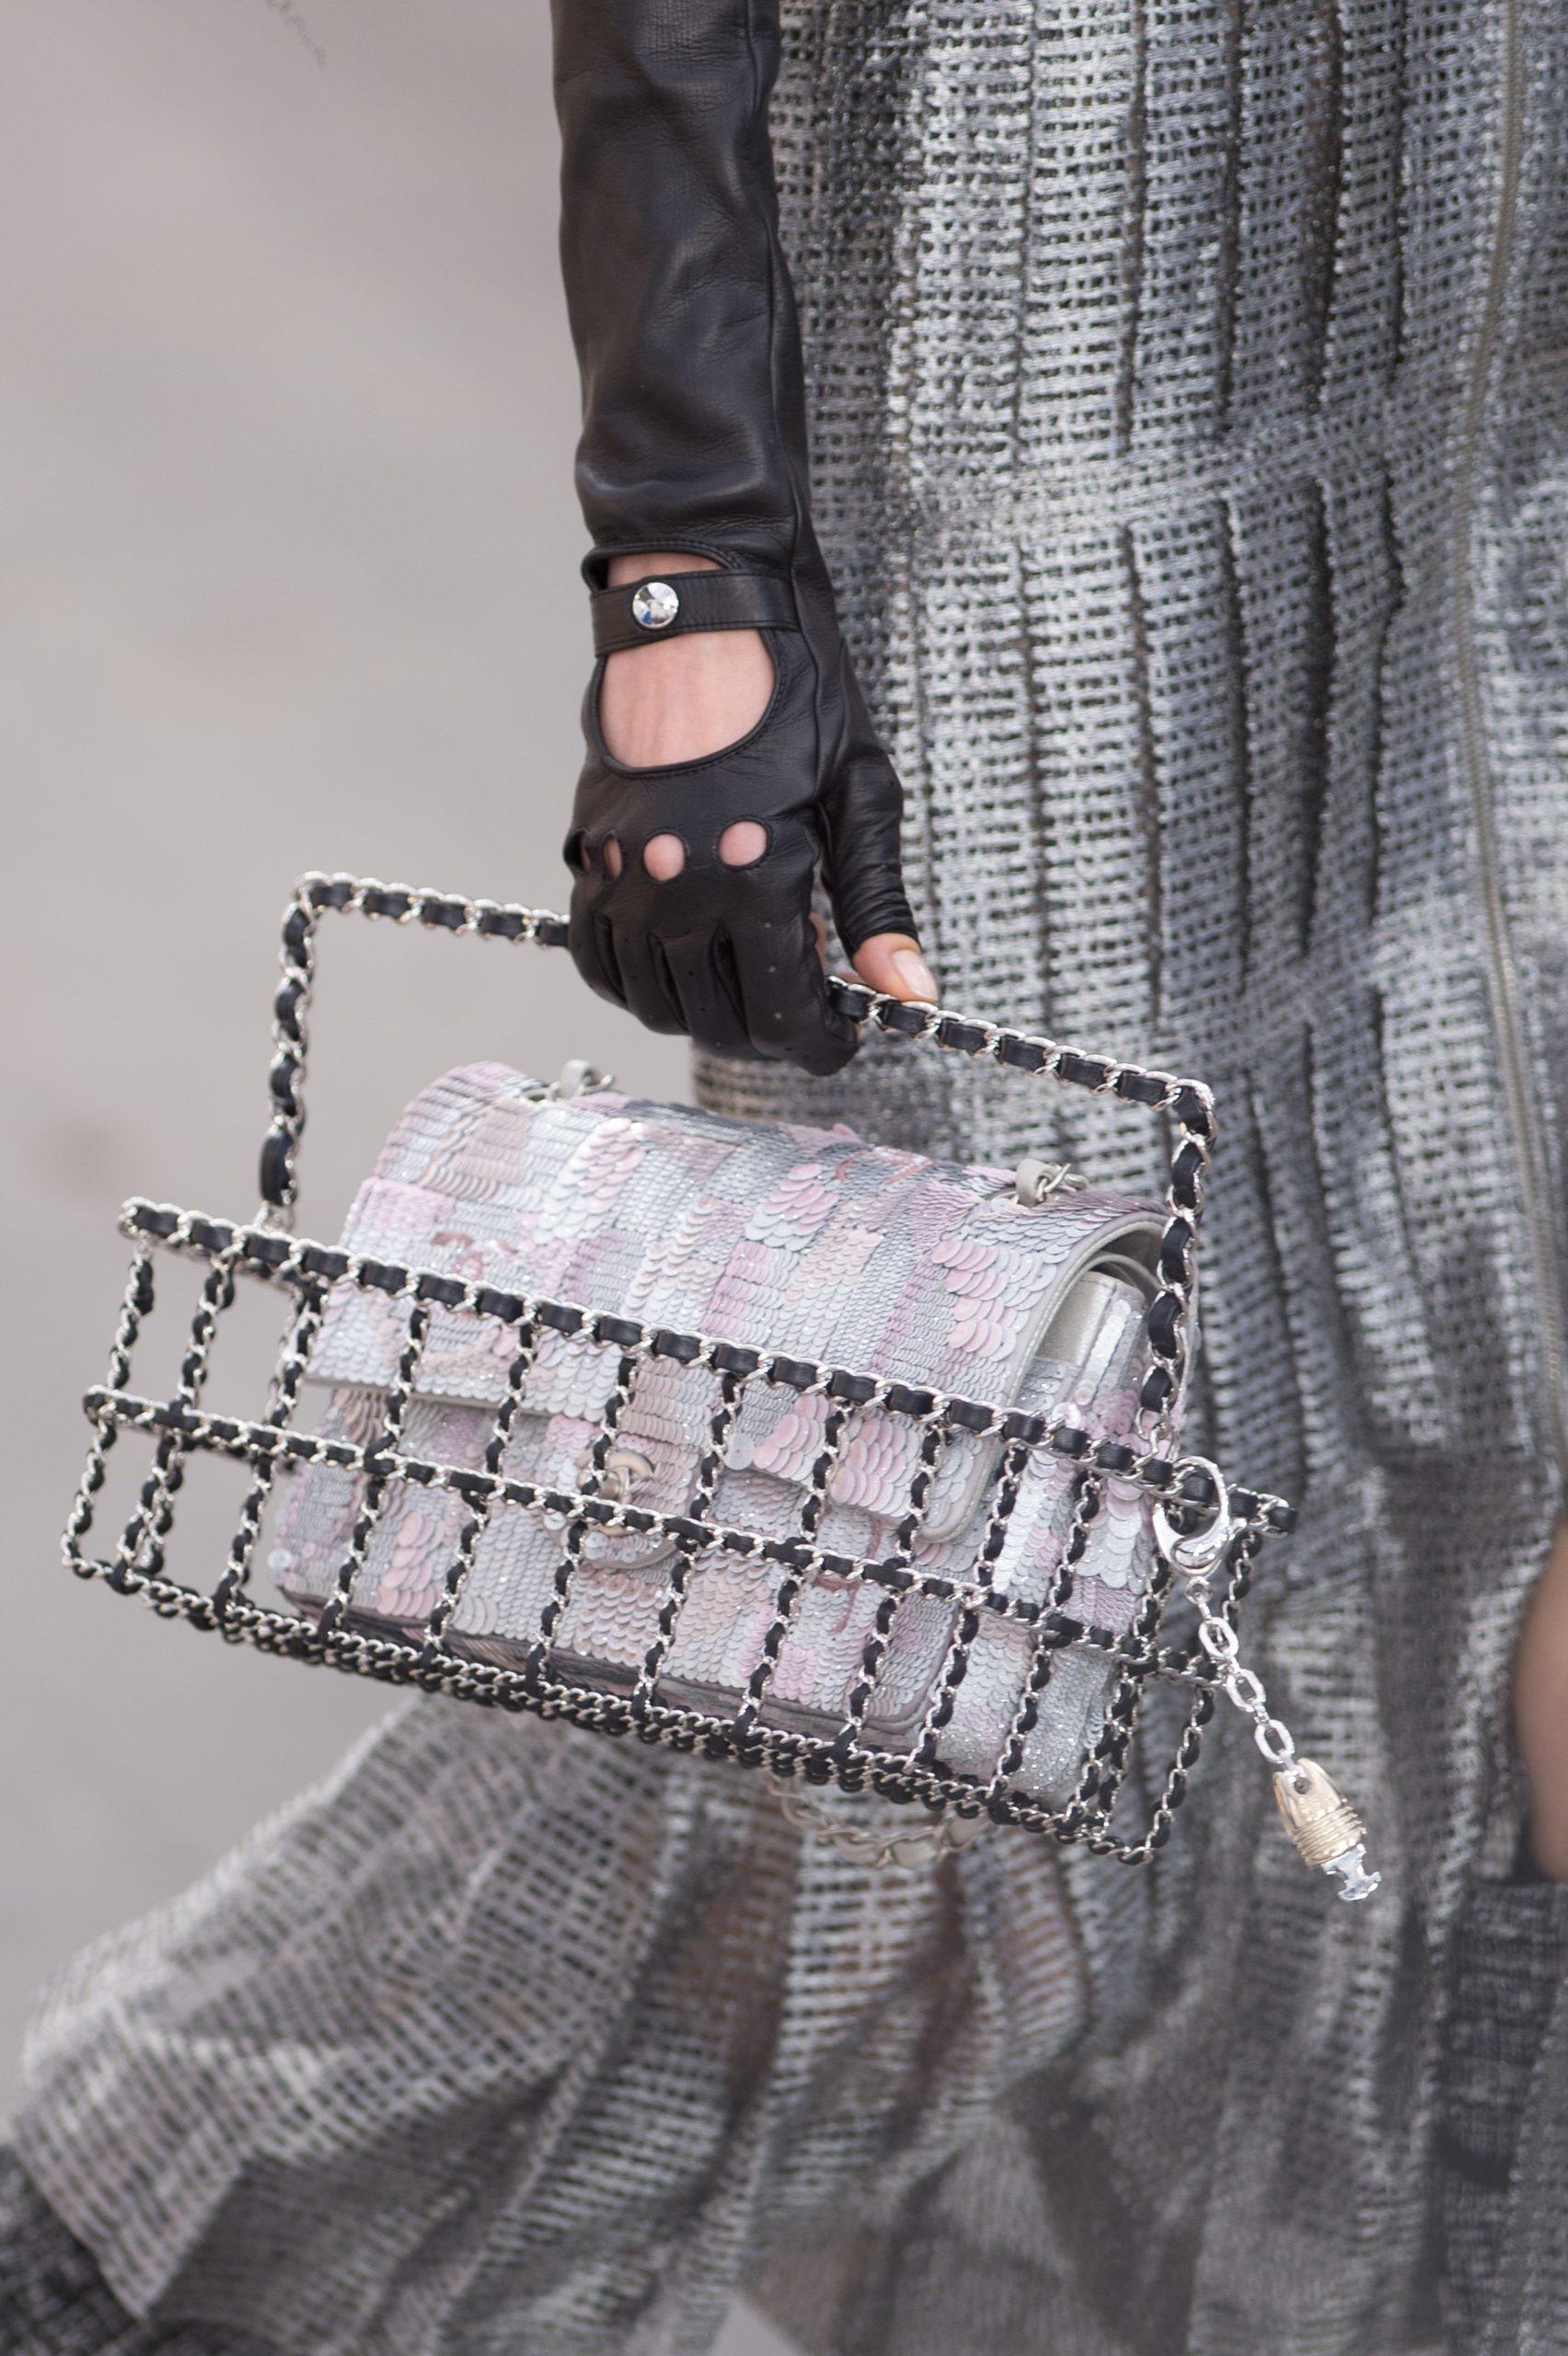 12. kép: Chanel bevásárlókosár 2014-ből